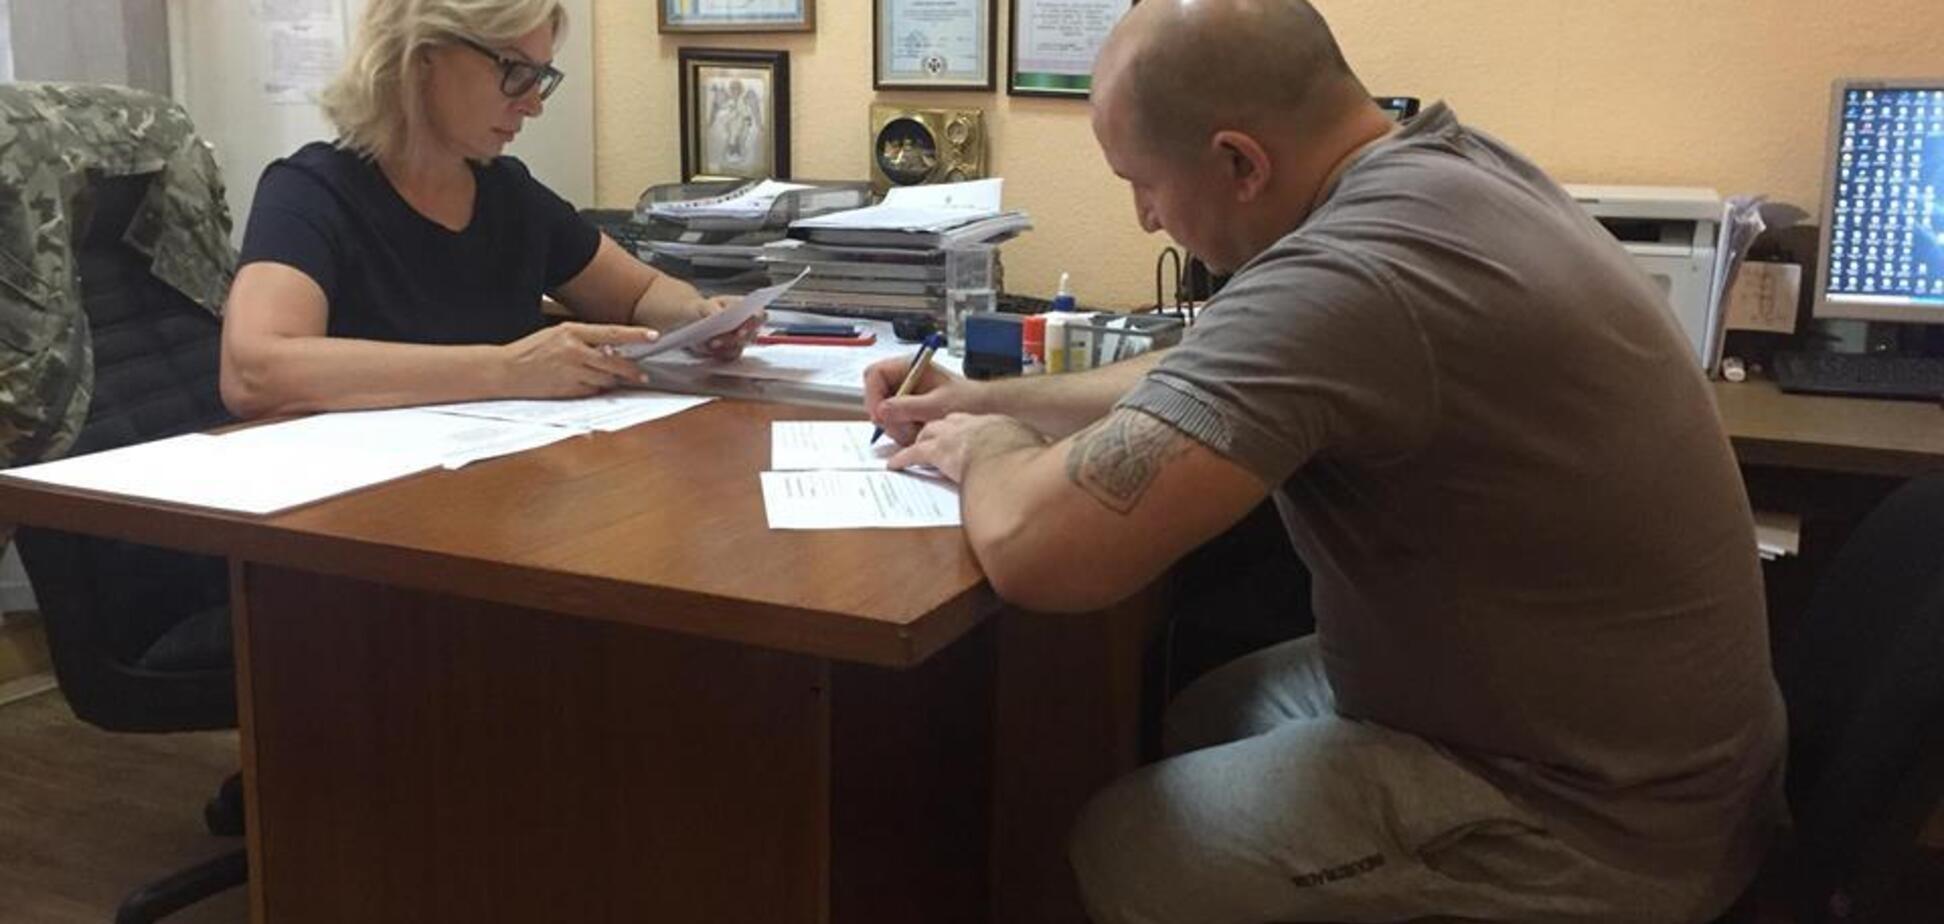 Путіне, допоможи: заарештовані в Україні росіяни написали звернення